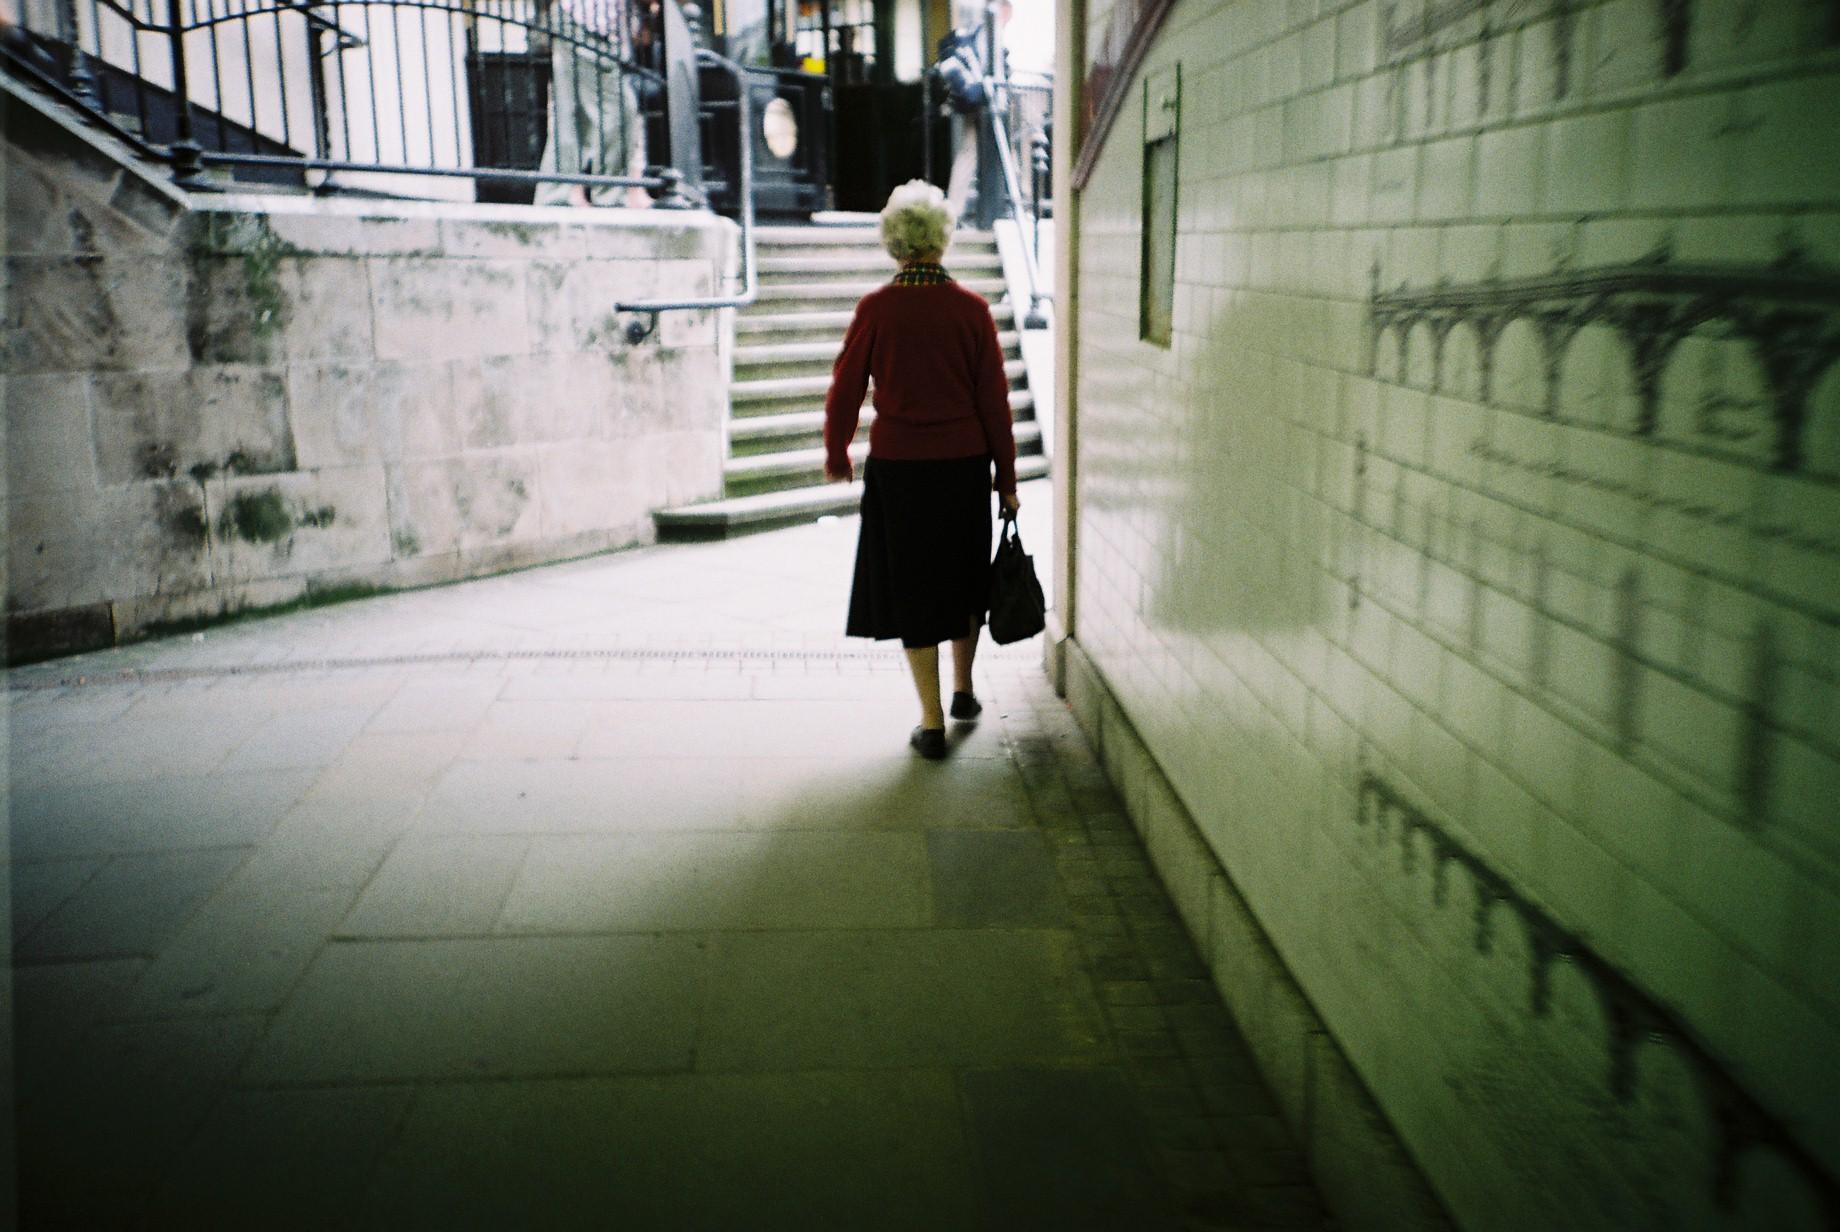 http://lafilladelfotografu.irenavisa.com/files/gimgs/58_f1000021.jpg